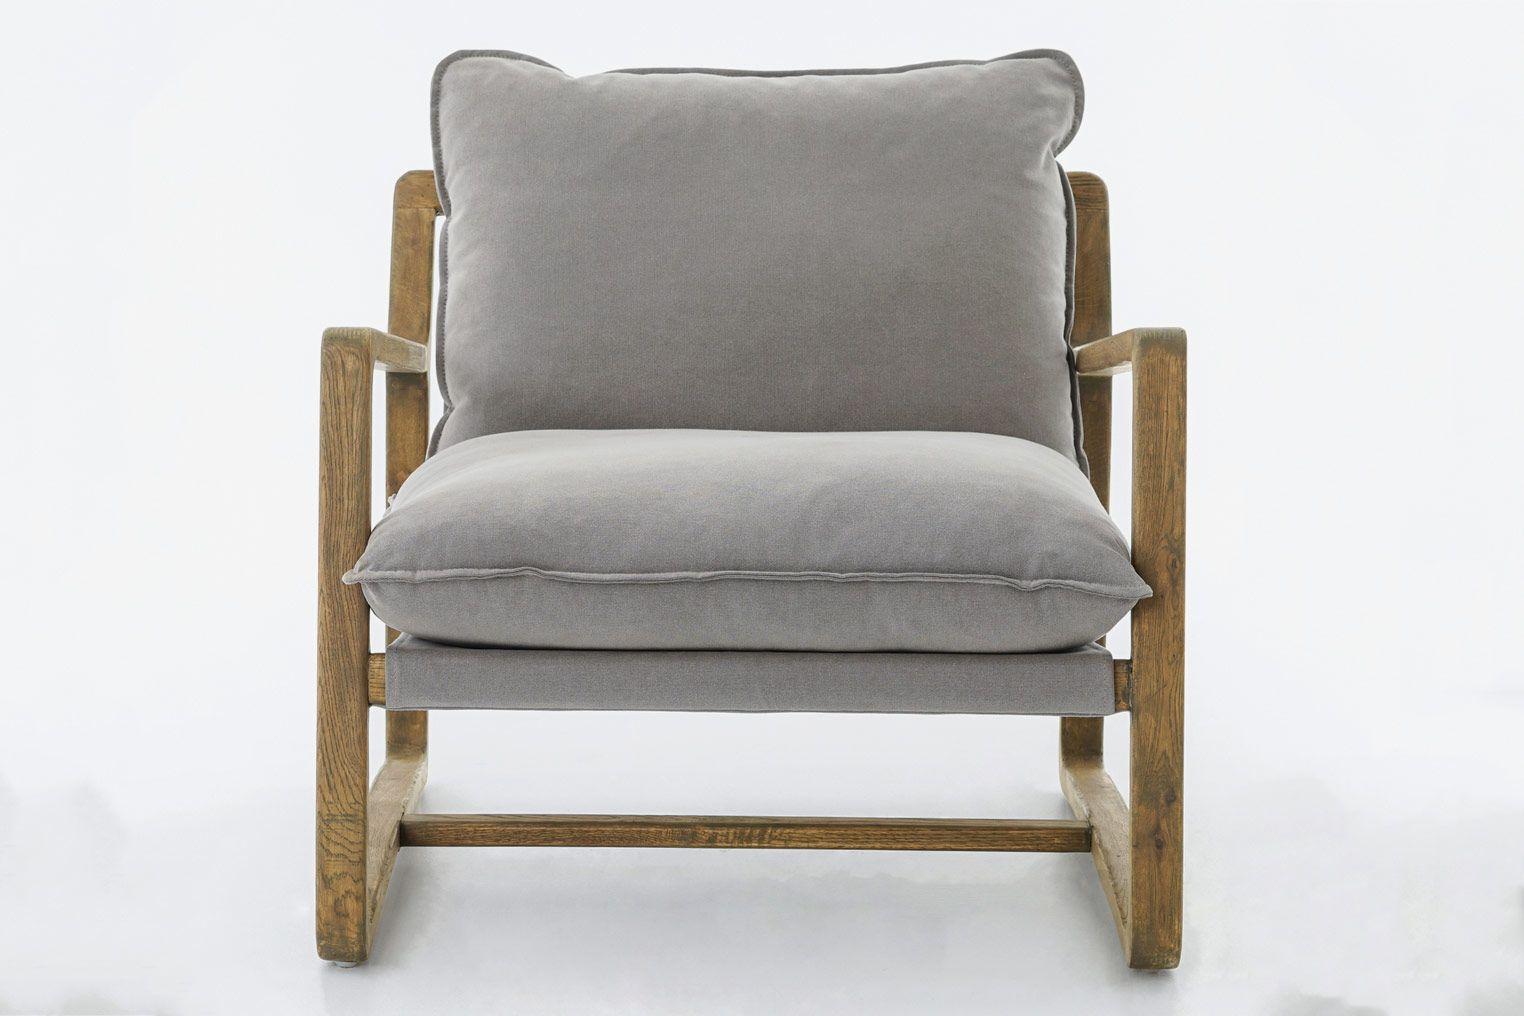 Lulu & Georgia Krista Chair